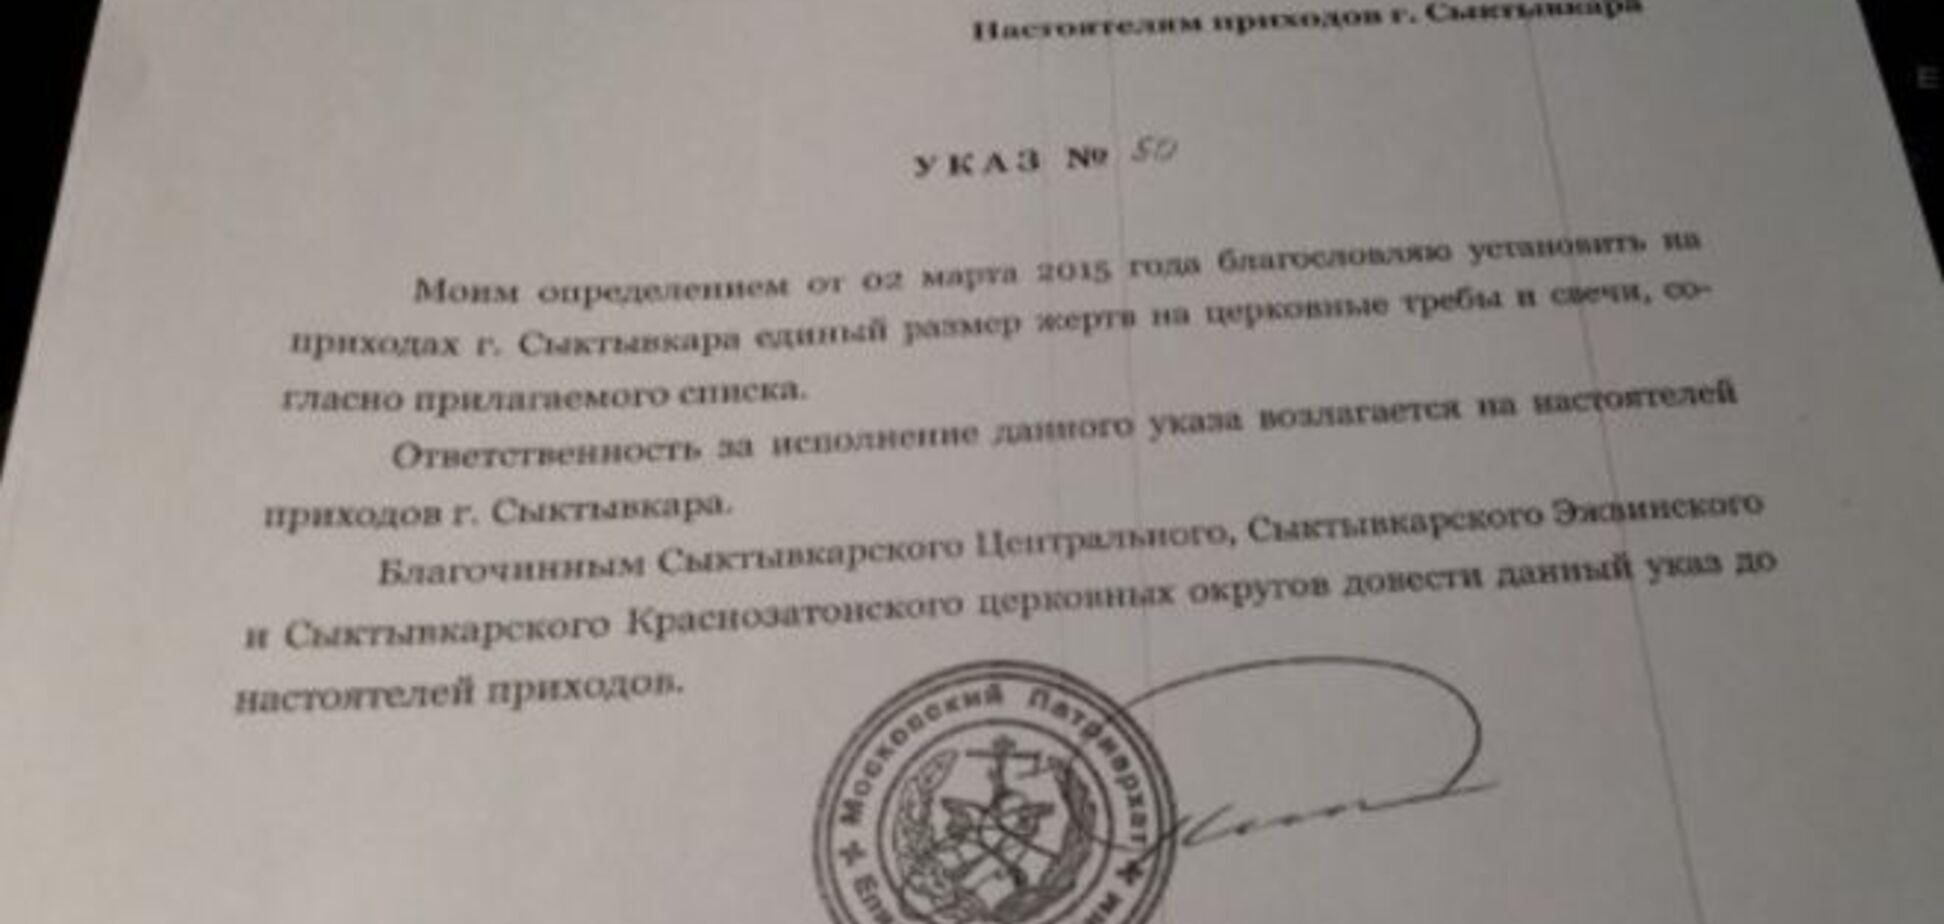 'Духовные скрепы'. В России опубликовали прейскурант на развенчание и отпевание самоубийц: фотофакт